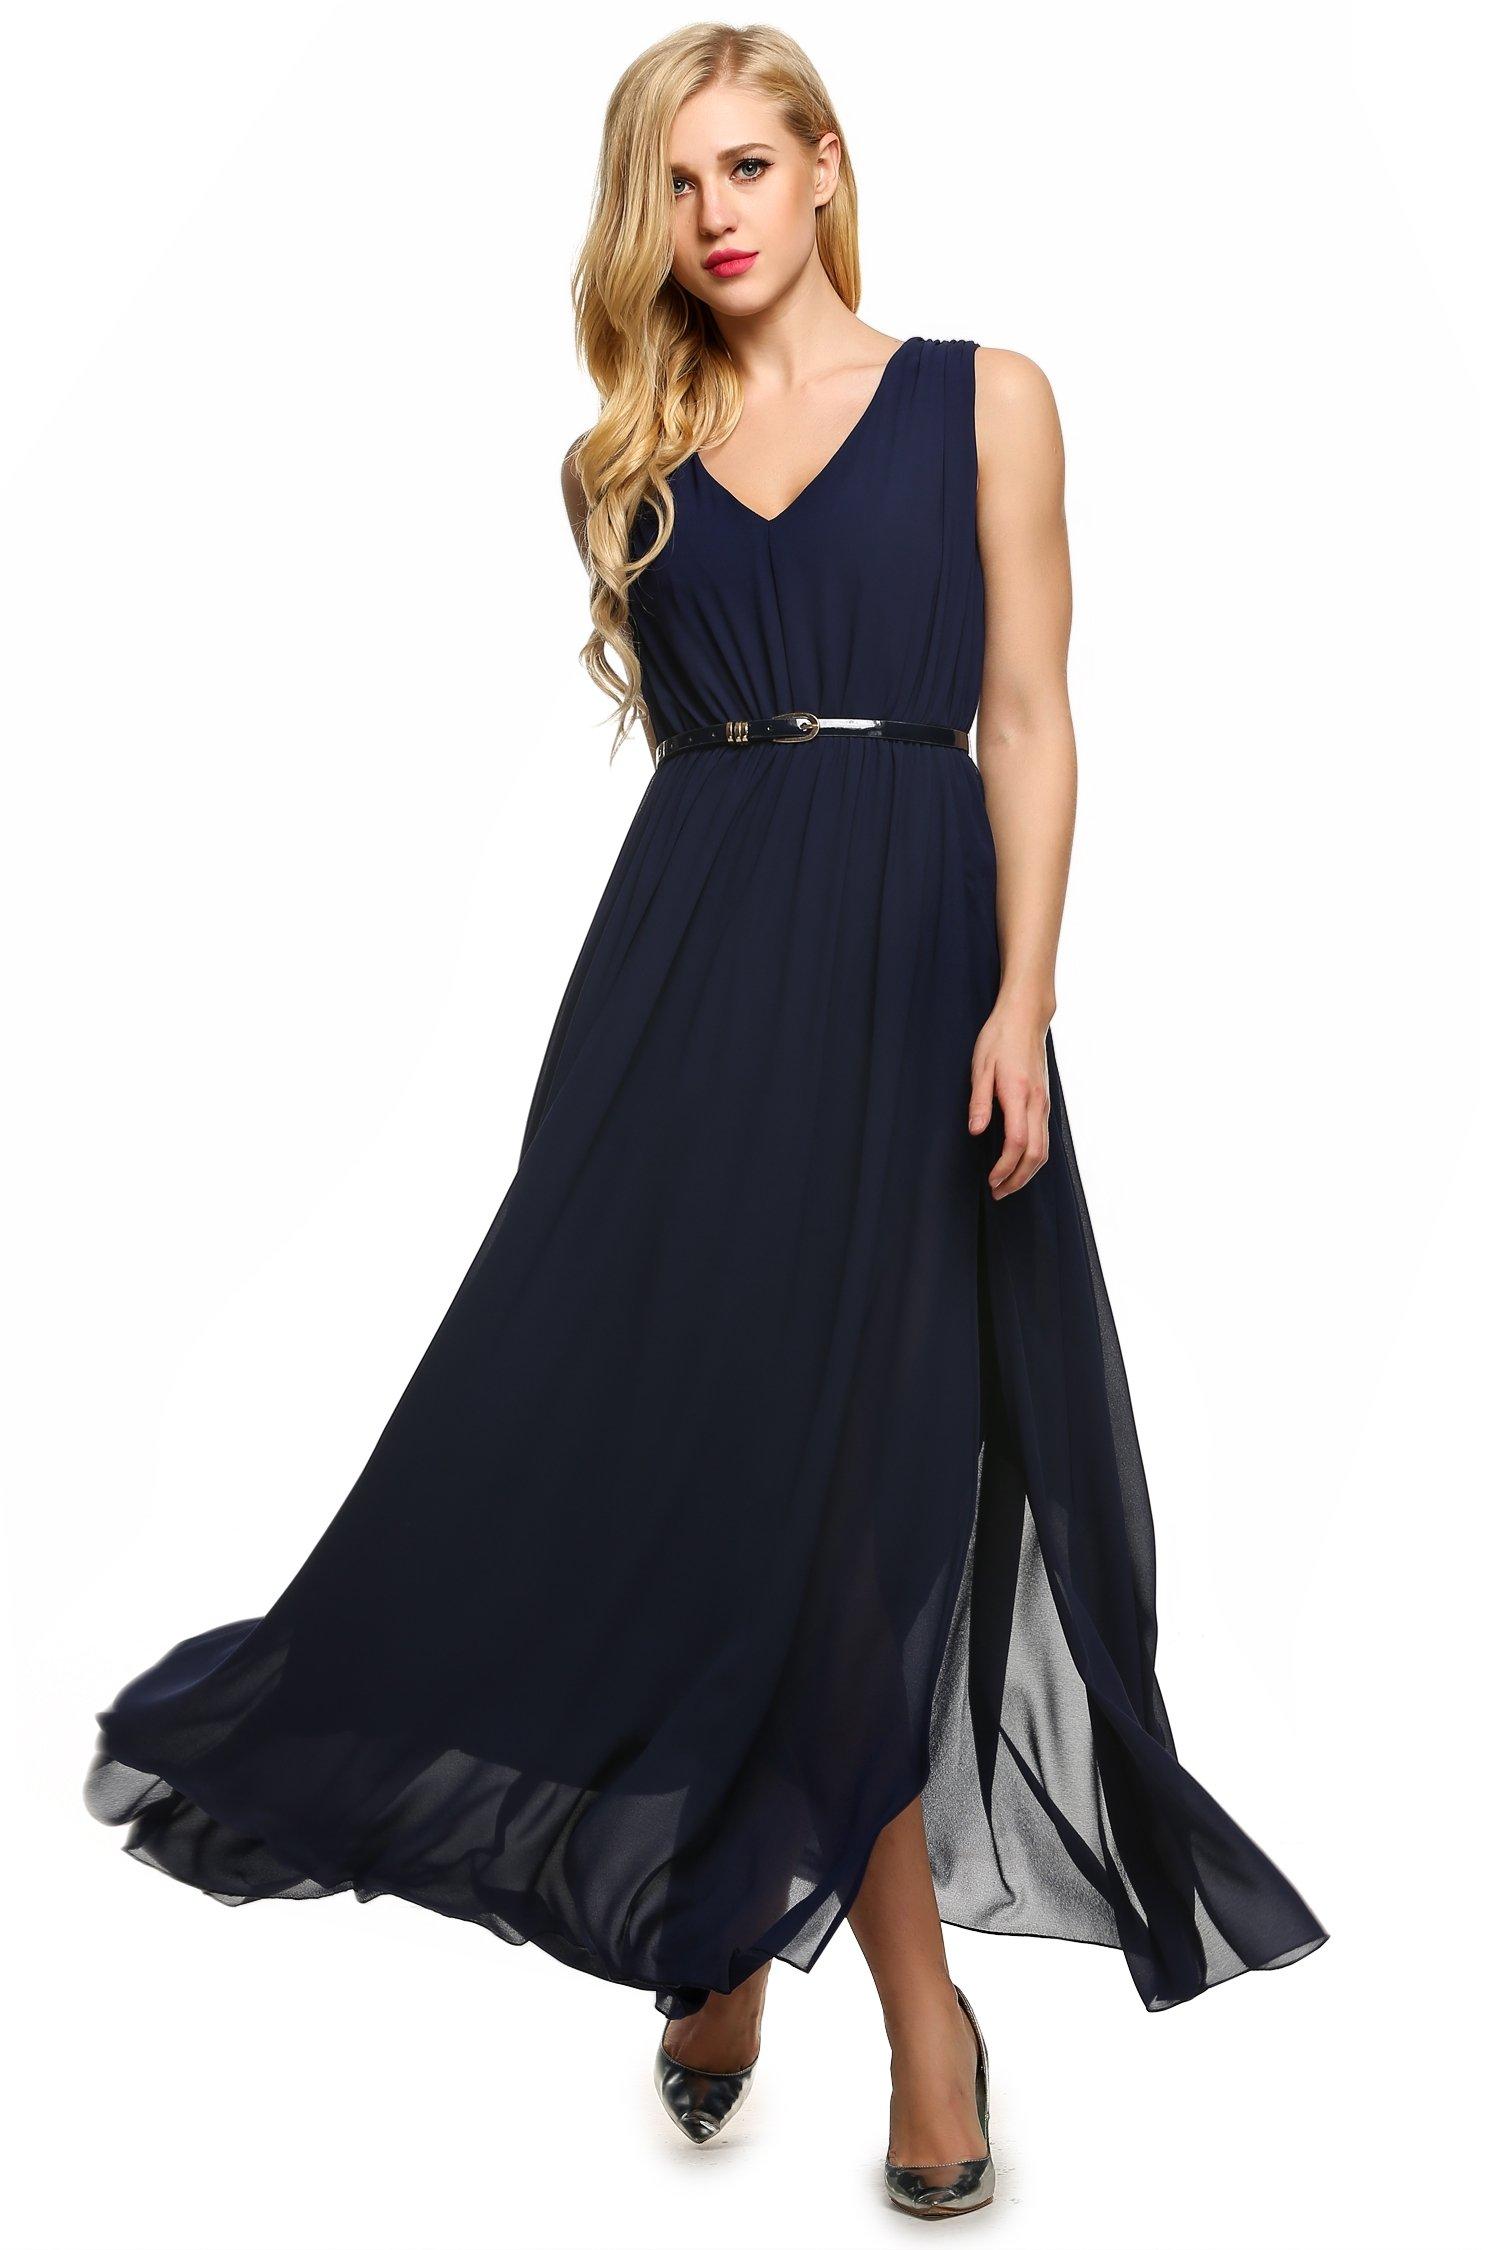 Abendkleider Lang Elegant Für Hochzeit: Amazon.de